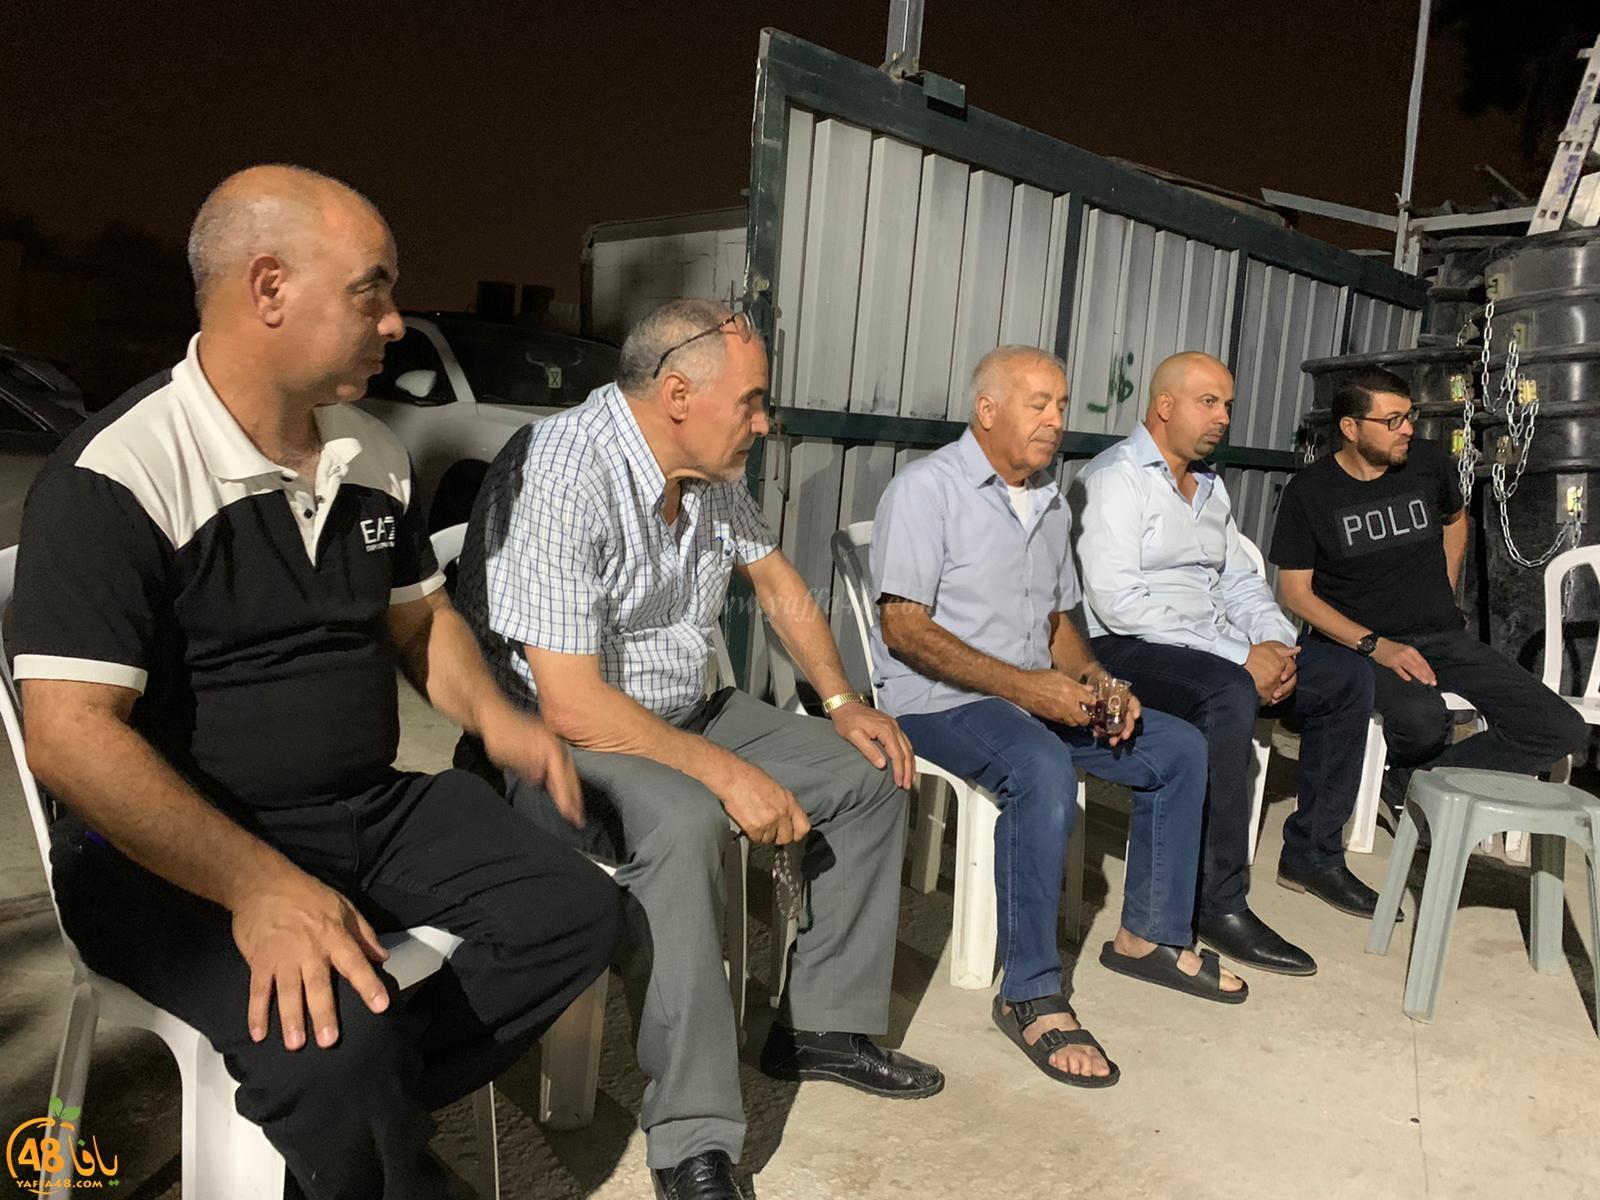 اللد : وفد اعضاء البلدية واللجنة الشعبية يزورون بيت العزاء لدى عائلة ابو شريقي